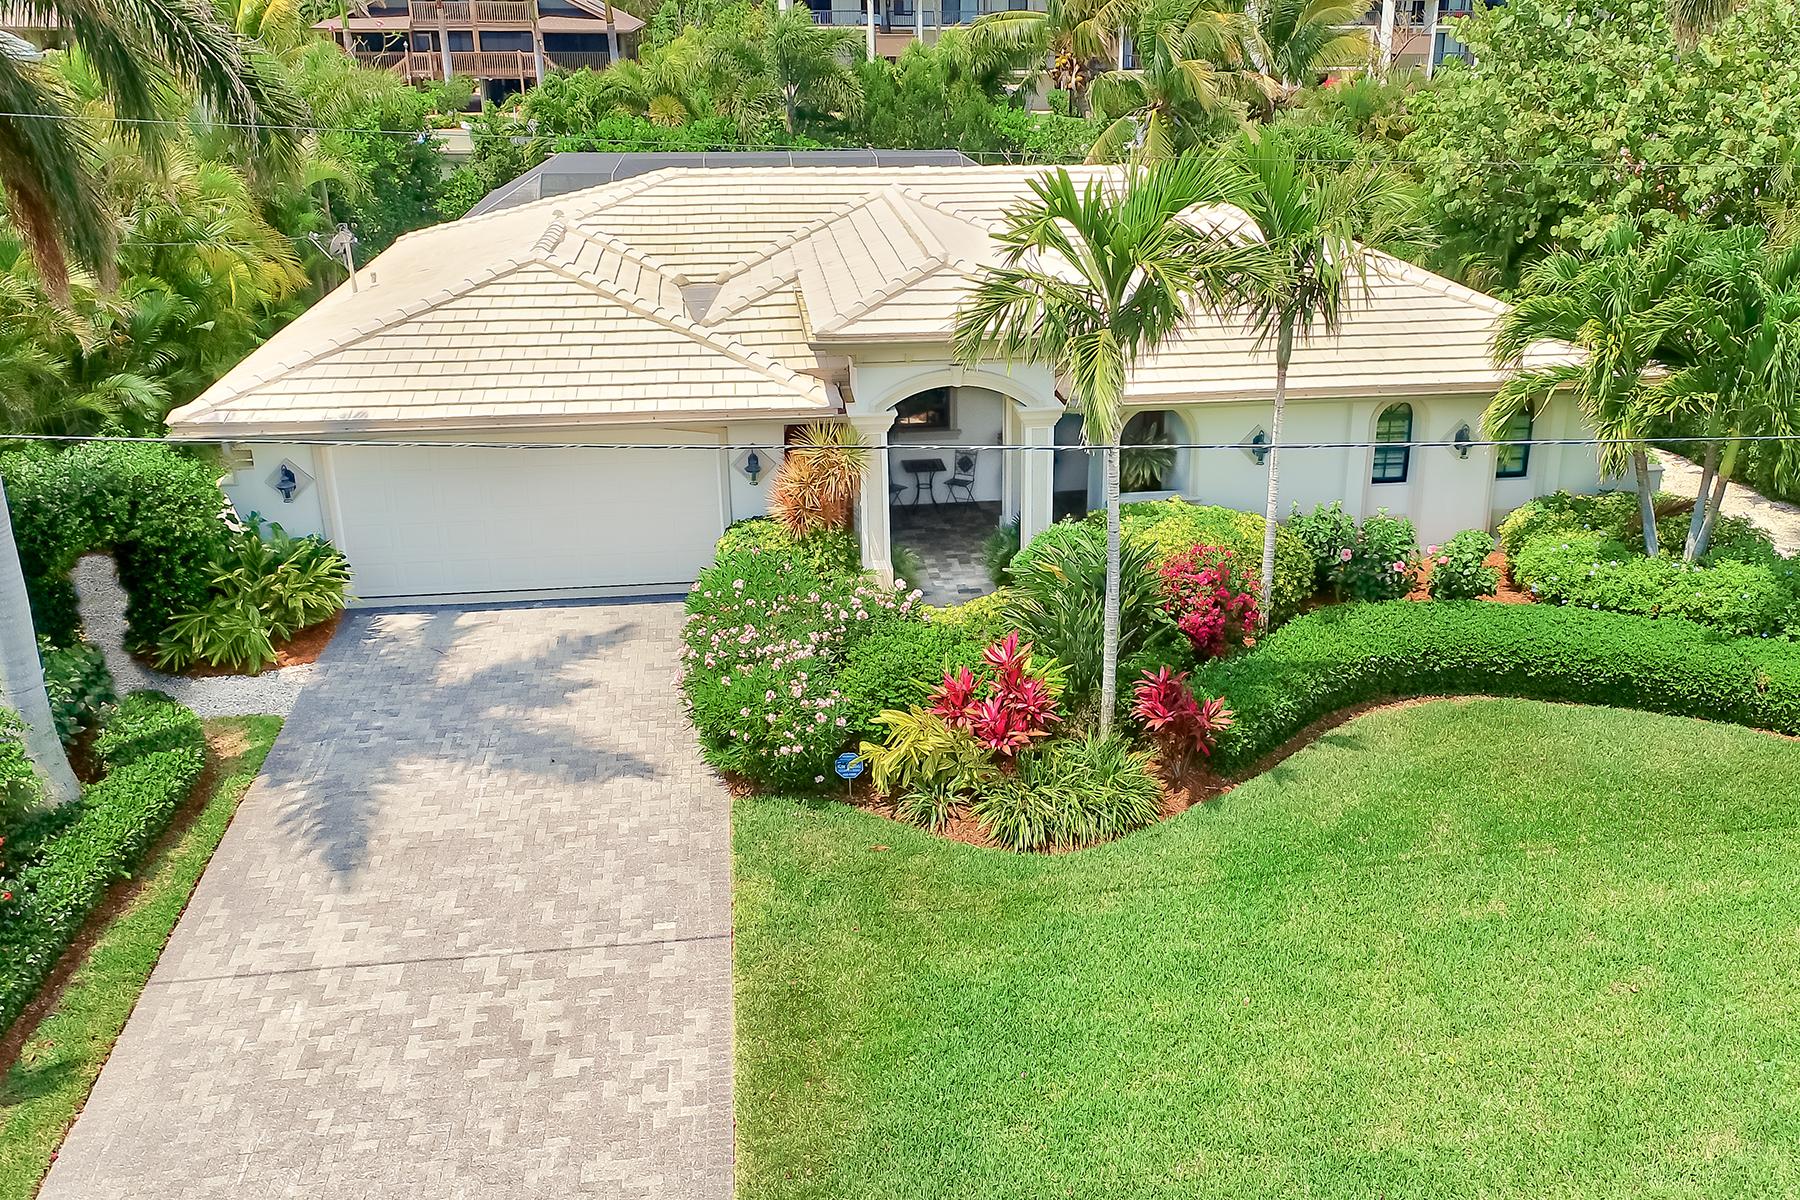 Single Family Homes için Satış at SHELL HARBOR 872 Limpet Dr, Sanibel, Florida 33957 Amerika Birleşik Devletleri